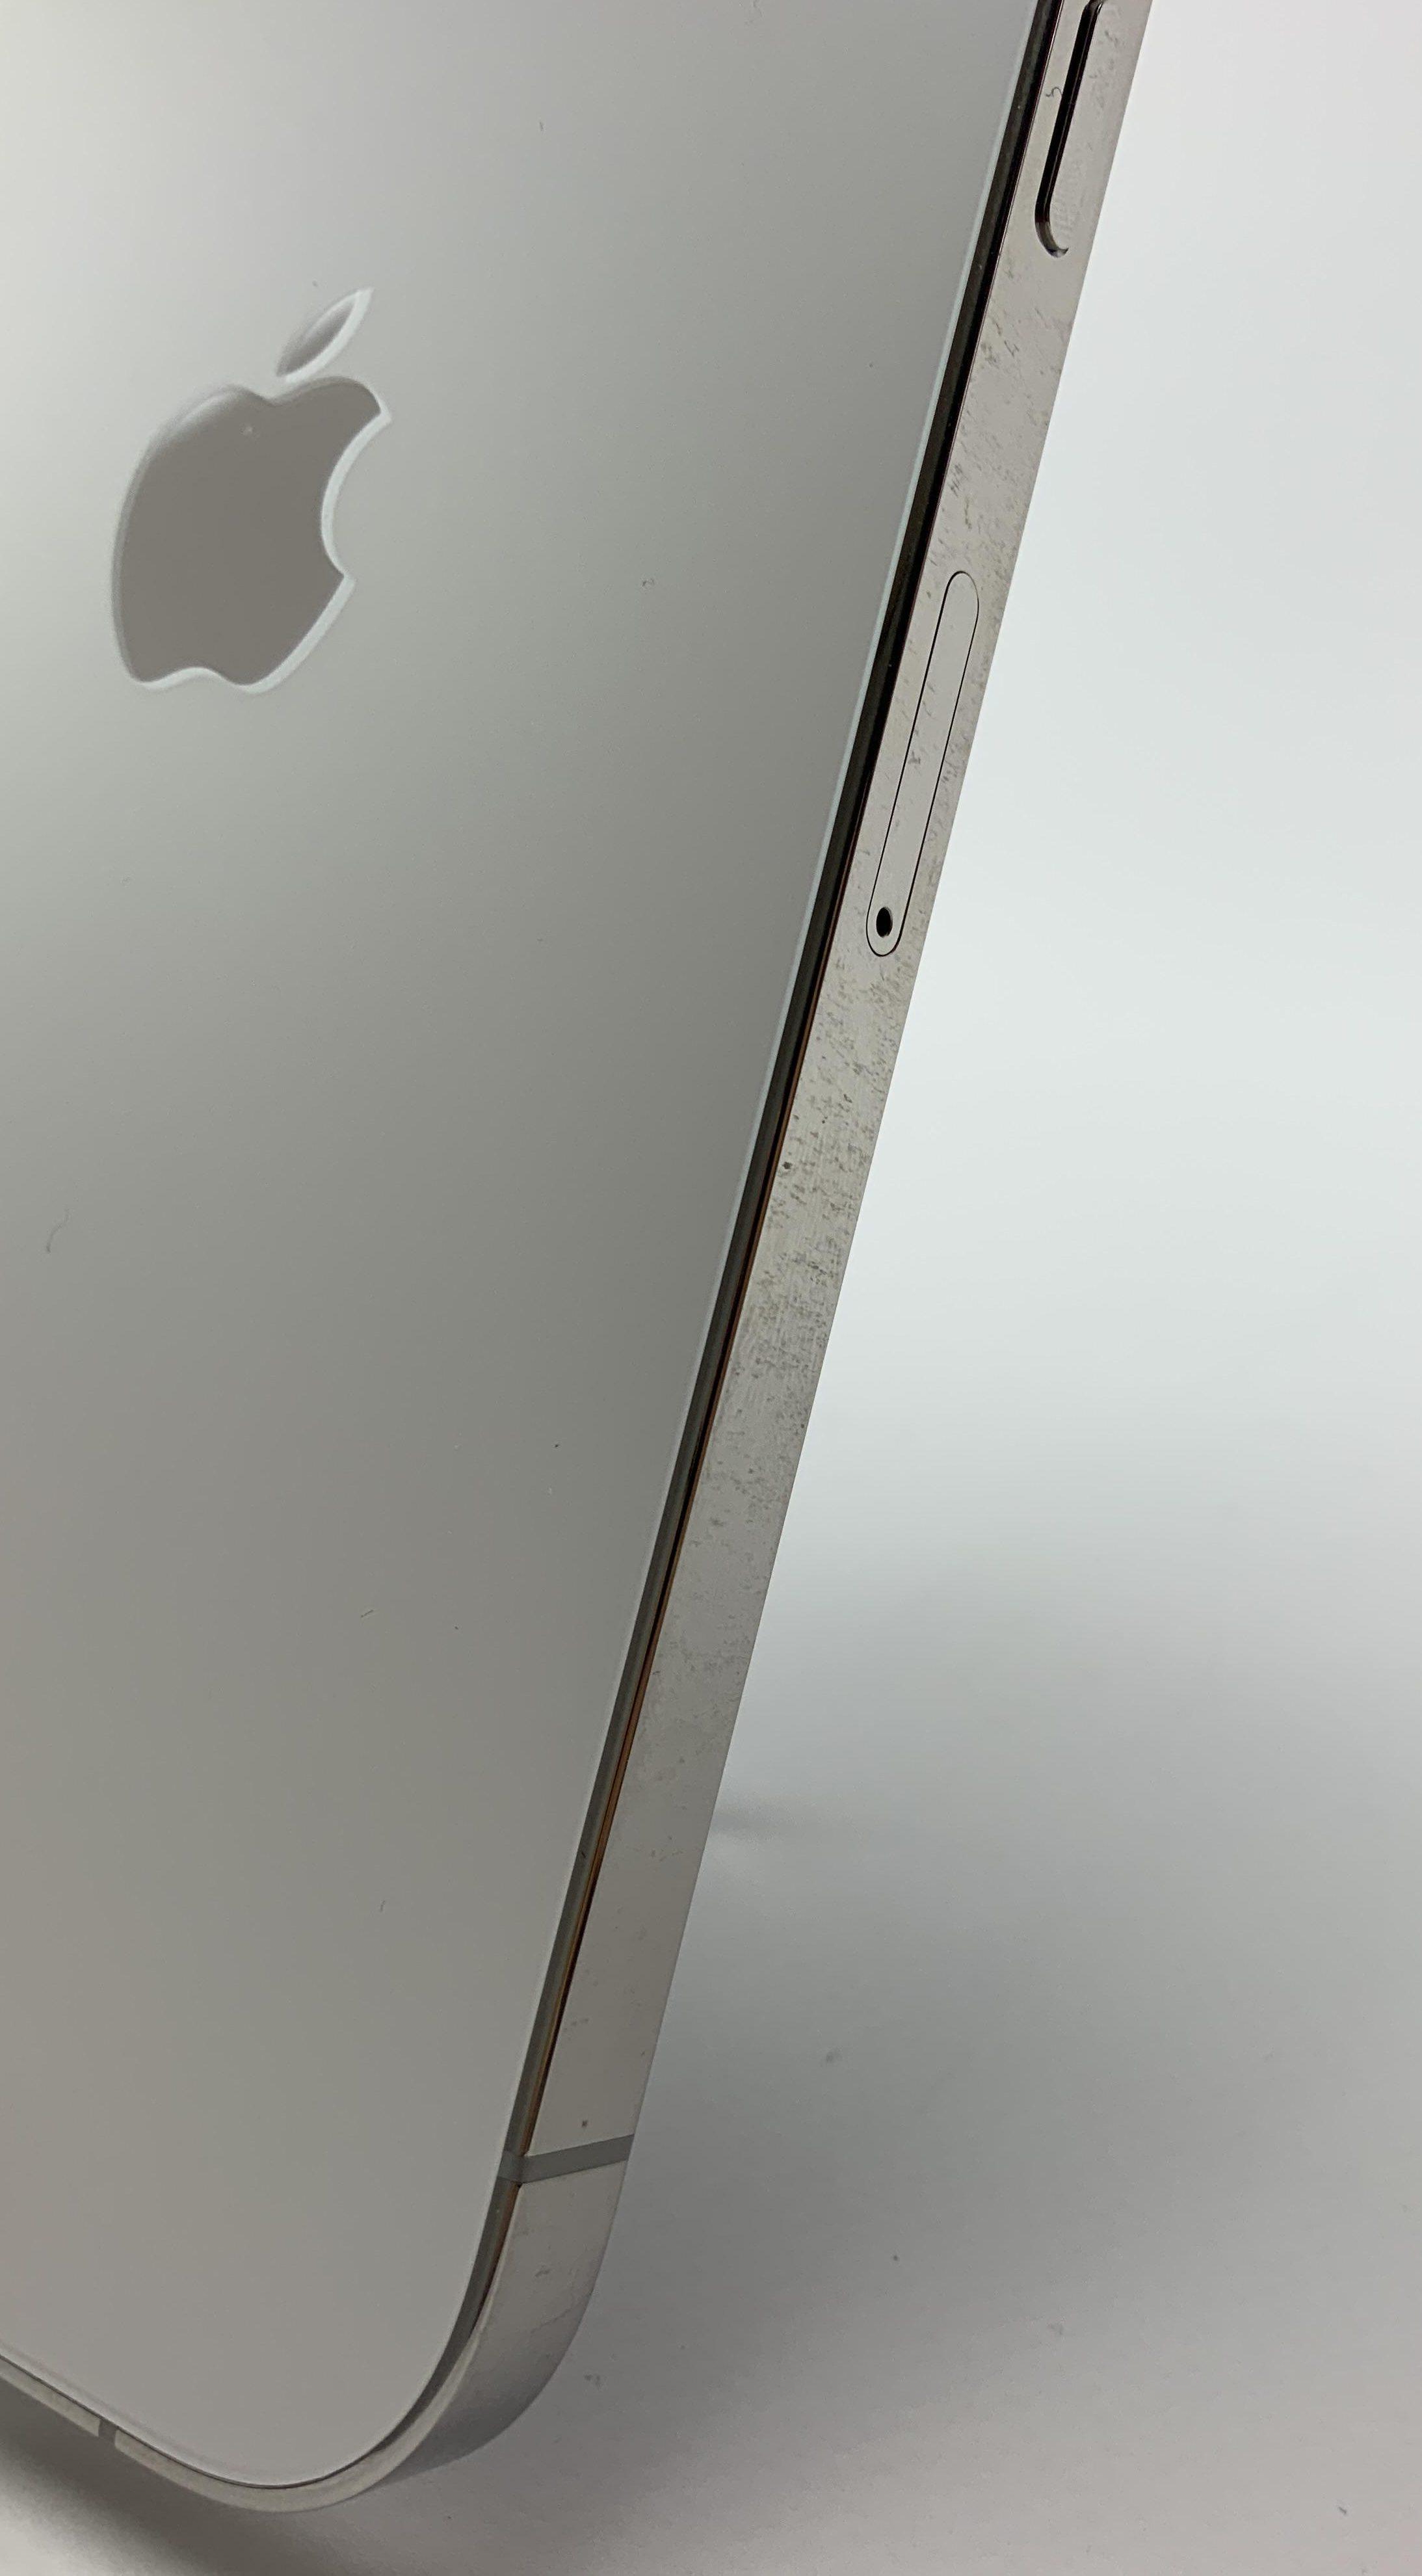 iPhone 12 Pro Max 256GB, 256GB, Silver, immagine 3